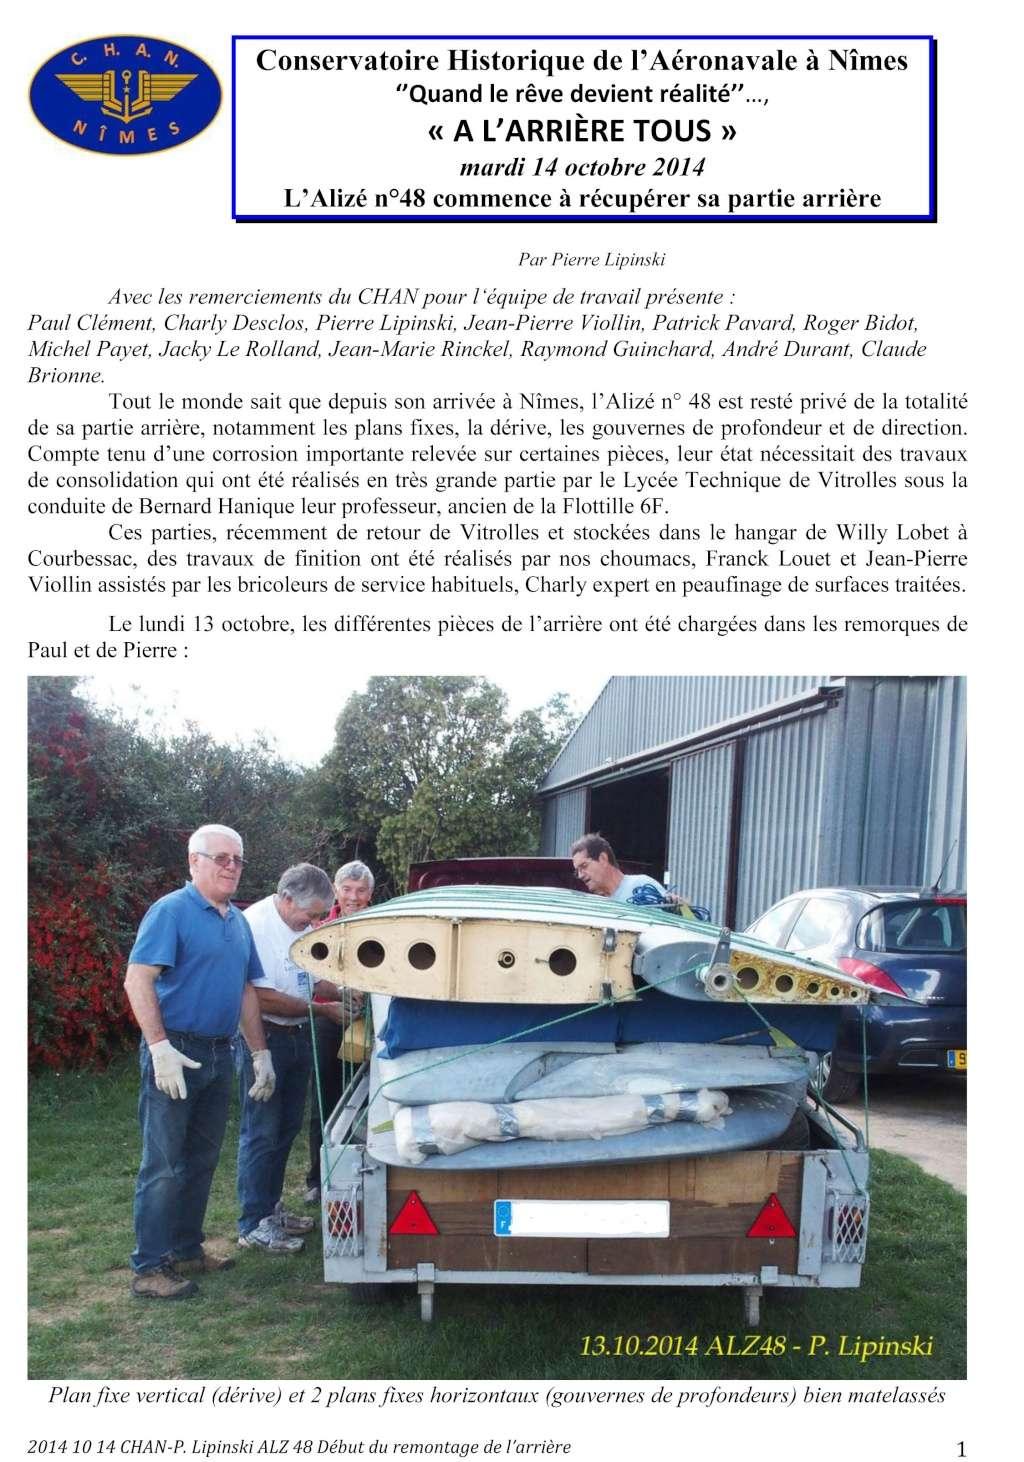 [Associations anciens marins] C.H.A.N.-Nîmes (Conservatoire Historique de l'Aéronavale-Nîmes) - Page 3 Tylych30